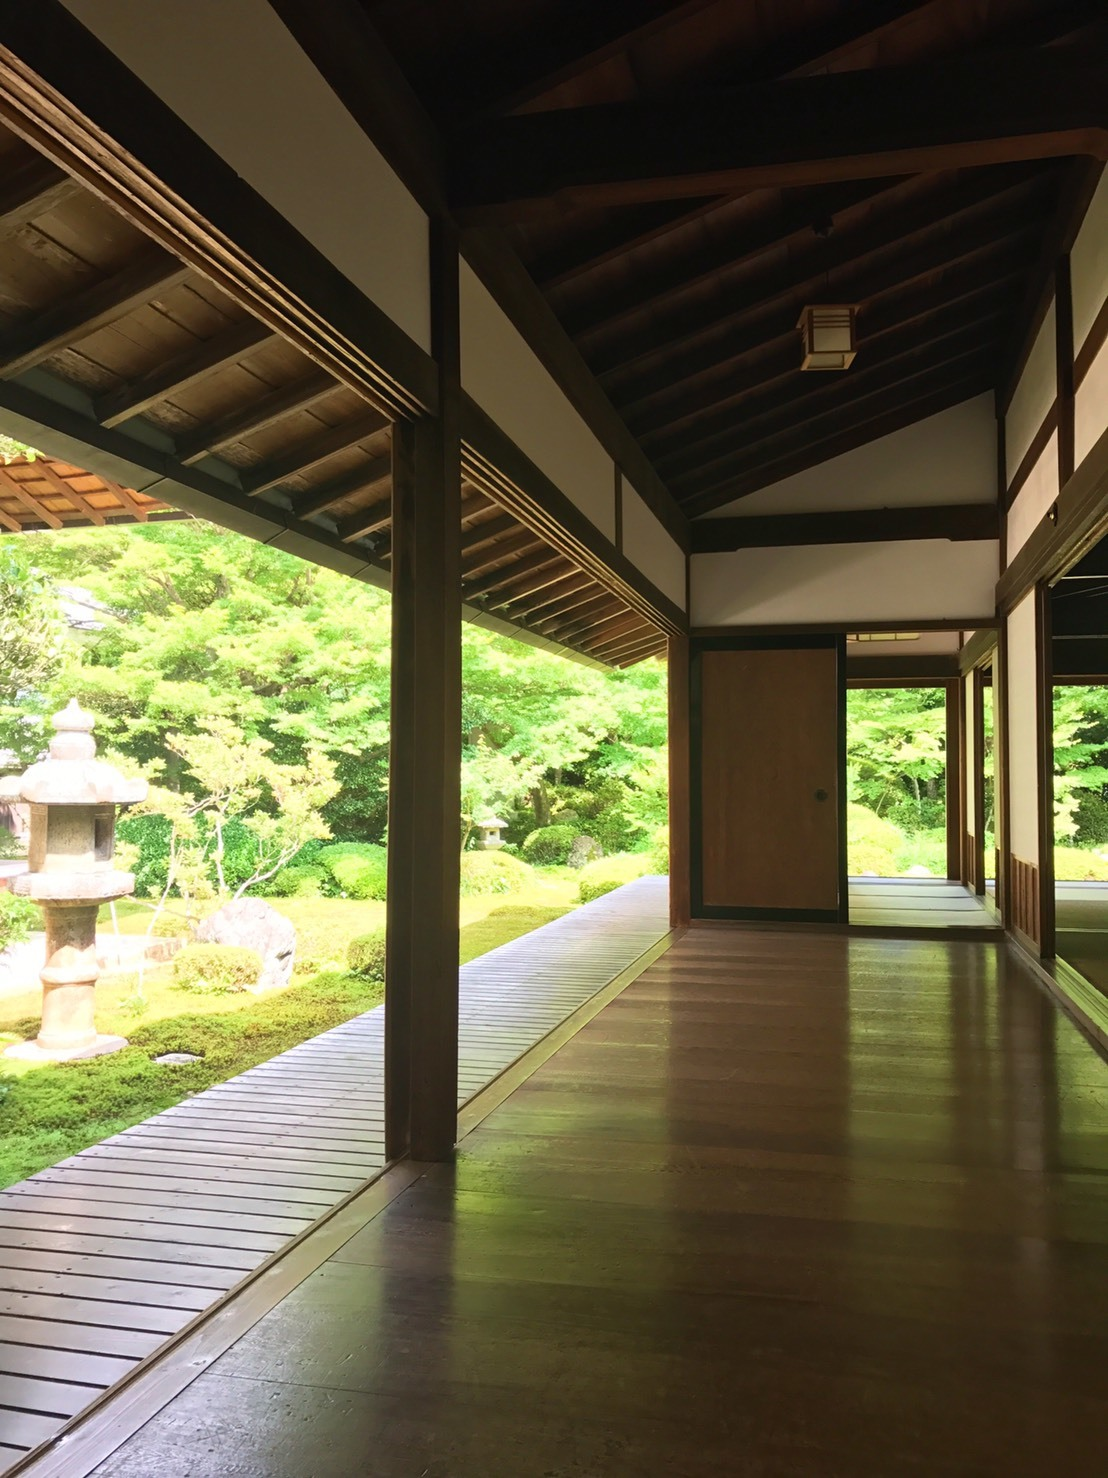 晩夏の京都_1_3-1